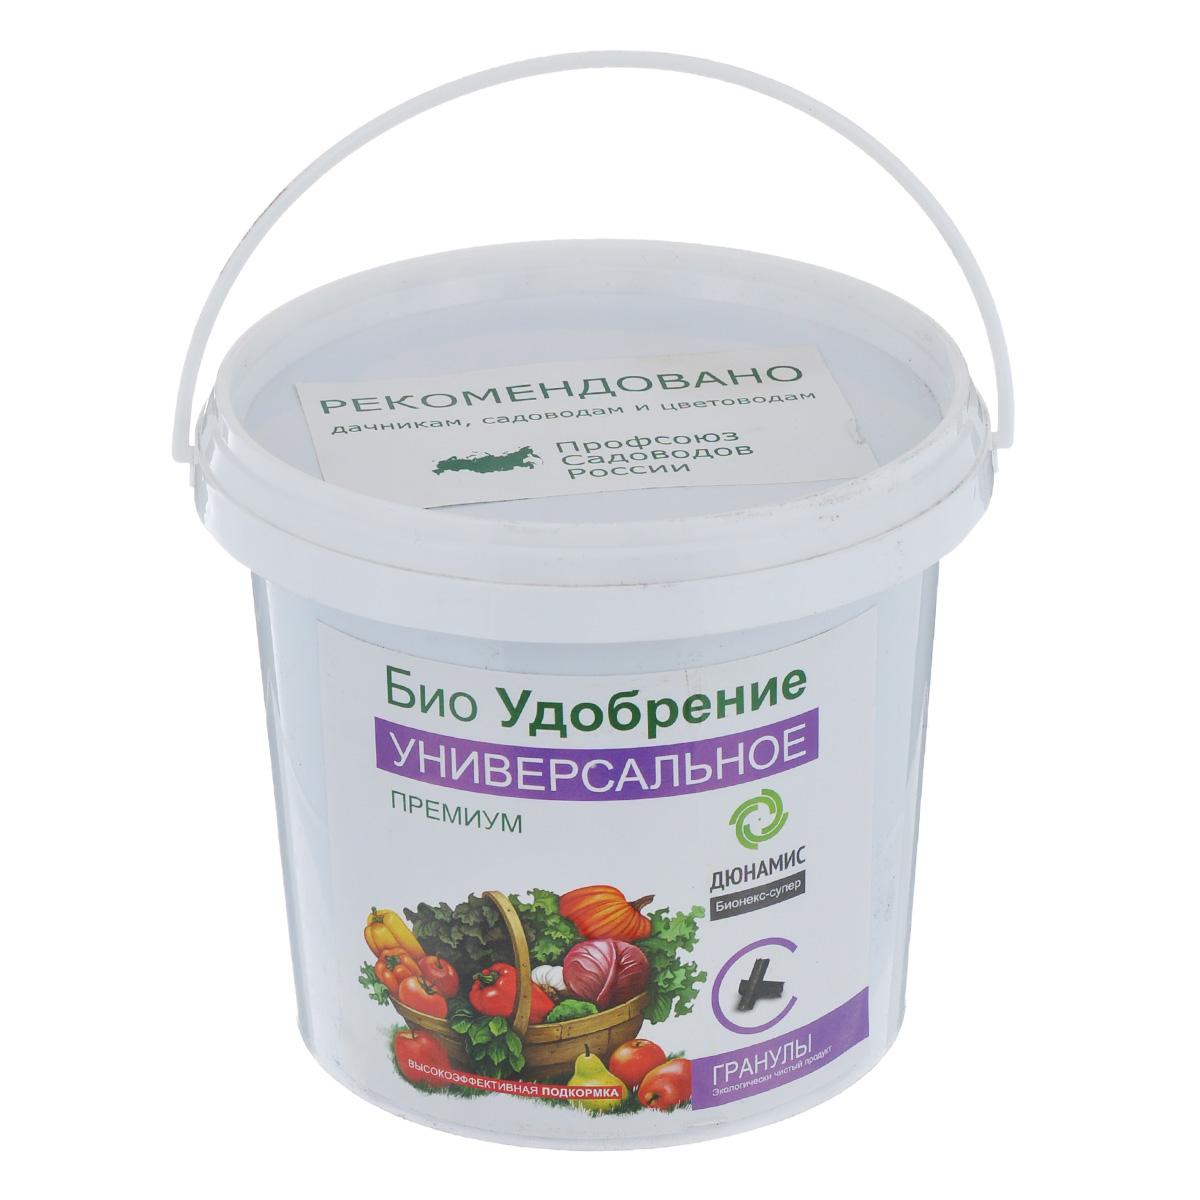 Био-удобрение Дюнамис Универсальное Премиум, в гранулах, 1 л0703-гУниверсальное био-удобрение Дюнамис - это гранулированное удобрение с веществами в хелатной форме. Обладает лёгким запахом. Способствует увеличению урожайности до 53% и улучшению вкусовых и качественных показателей плодов. Благодаря такому удобрению, повышается сопротивляемость к заболеваниям, также это эффективная помощь при дефиците питания и влаги. Универсальное био-удобрение Дюнамис обеспечивает обильное и длительное цветение, повышение силы растений.Варианты применения:- в лунку при посадке;- сухие корневые подкормки;- жидкие корневые подкормки.Состав: ферментированный навоз КРС, помет, биокатализатор.Объем: 1 л.Товар сертифицирован.